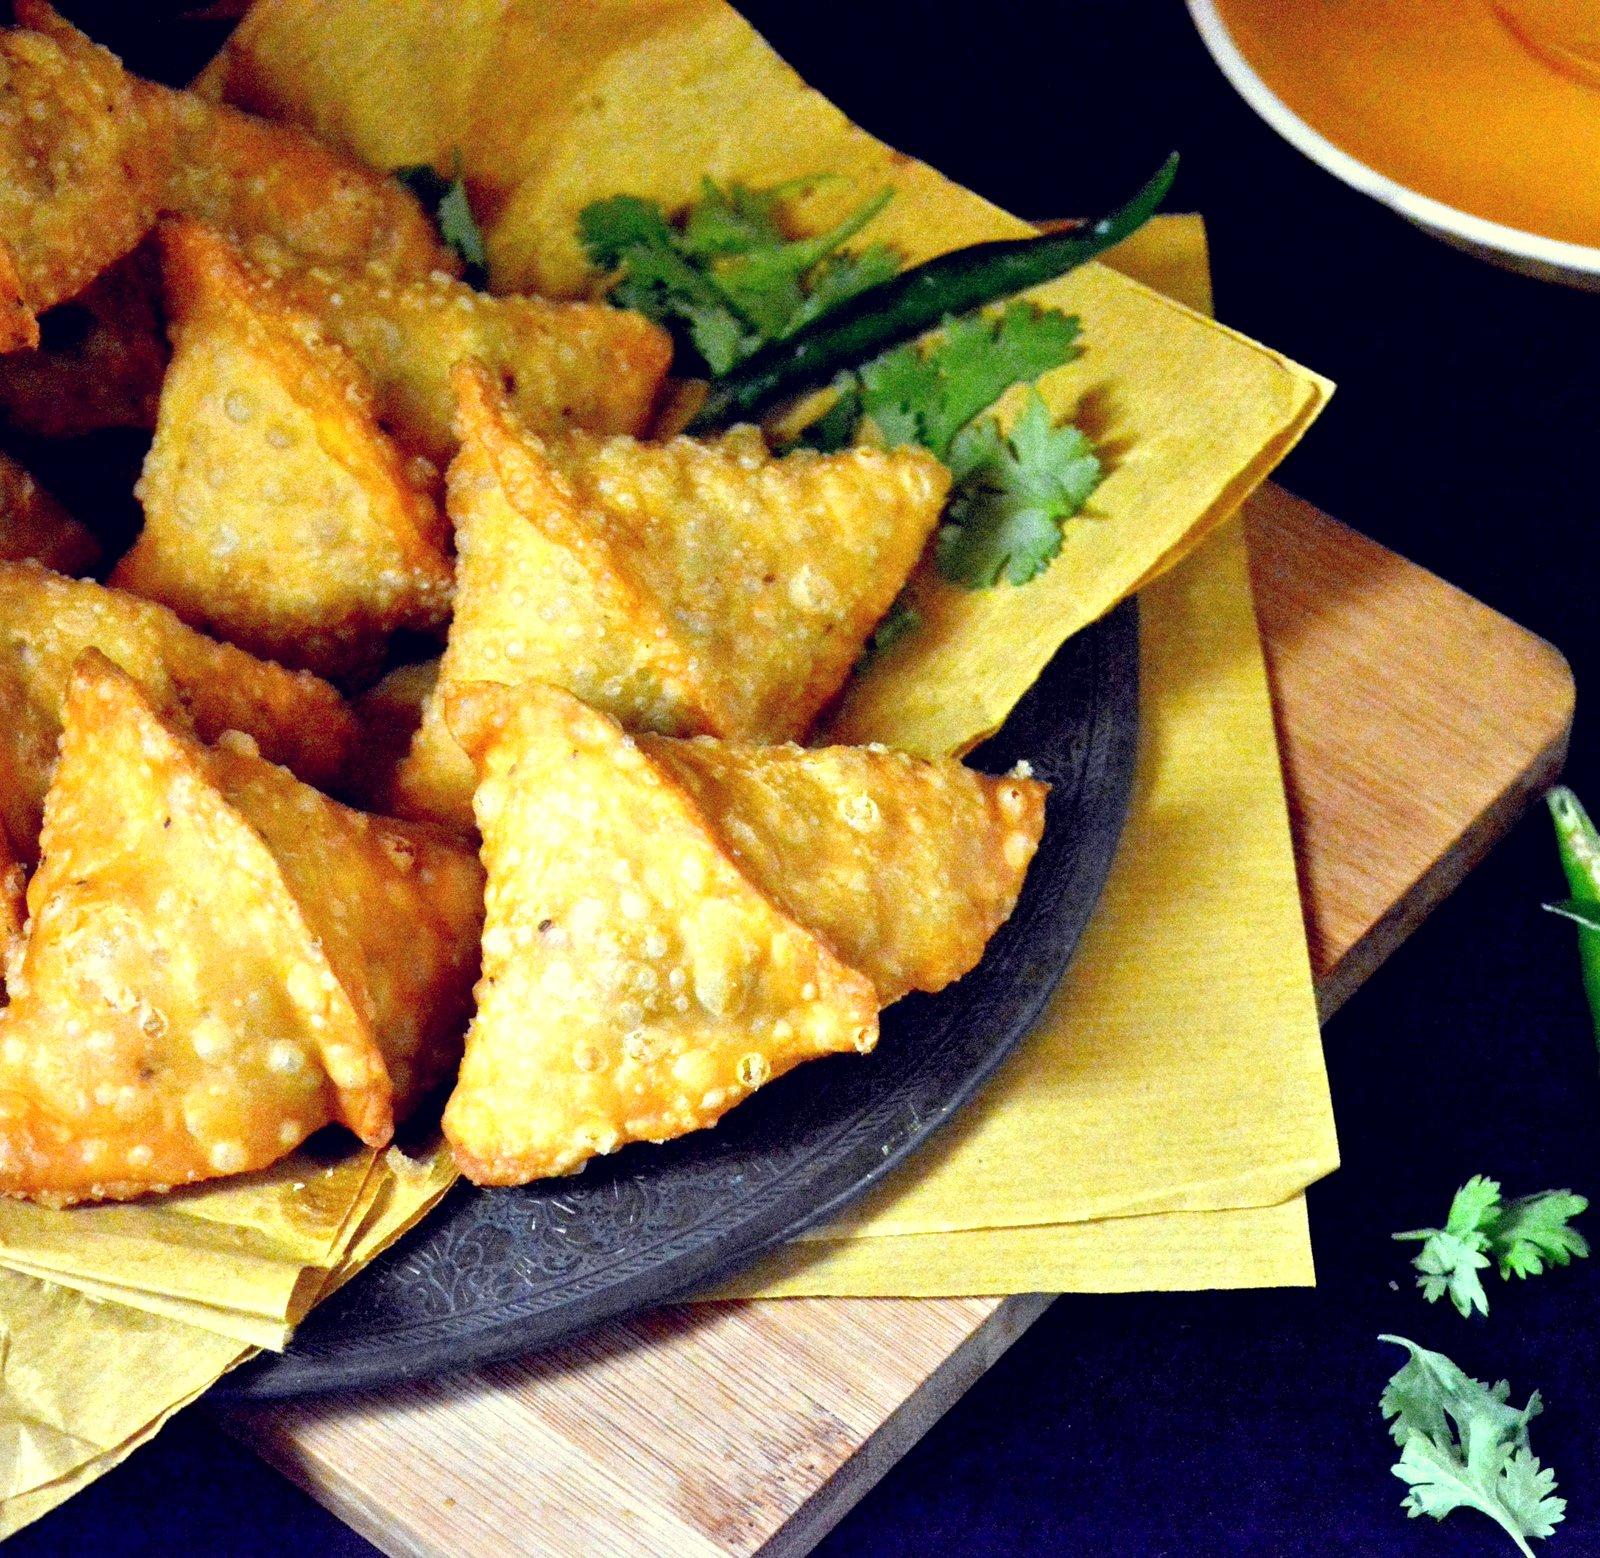 Mixed Vegetable Samosa Recipe by Archana's Kitchen